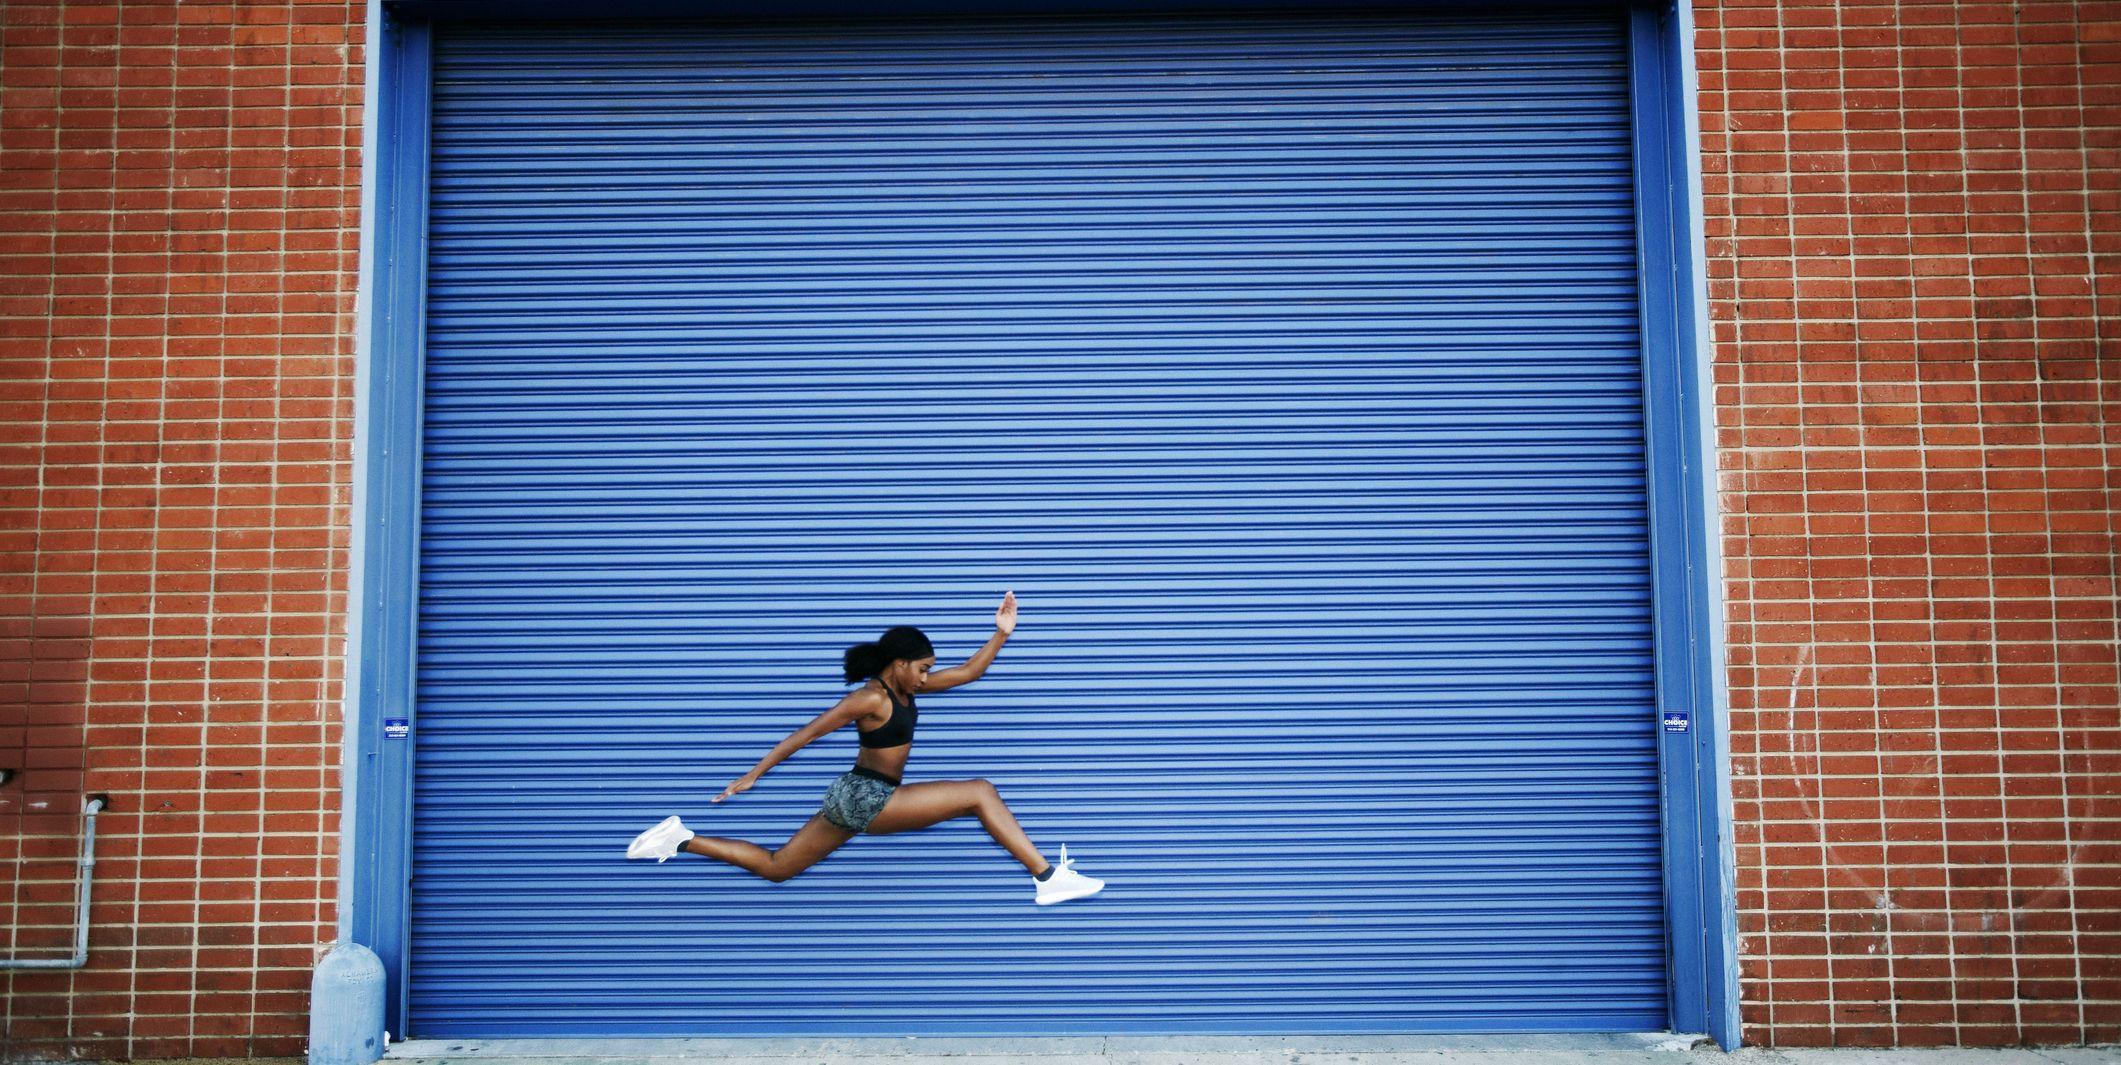 Mixed Race woman running and jumping near blue garage door